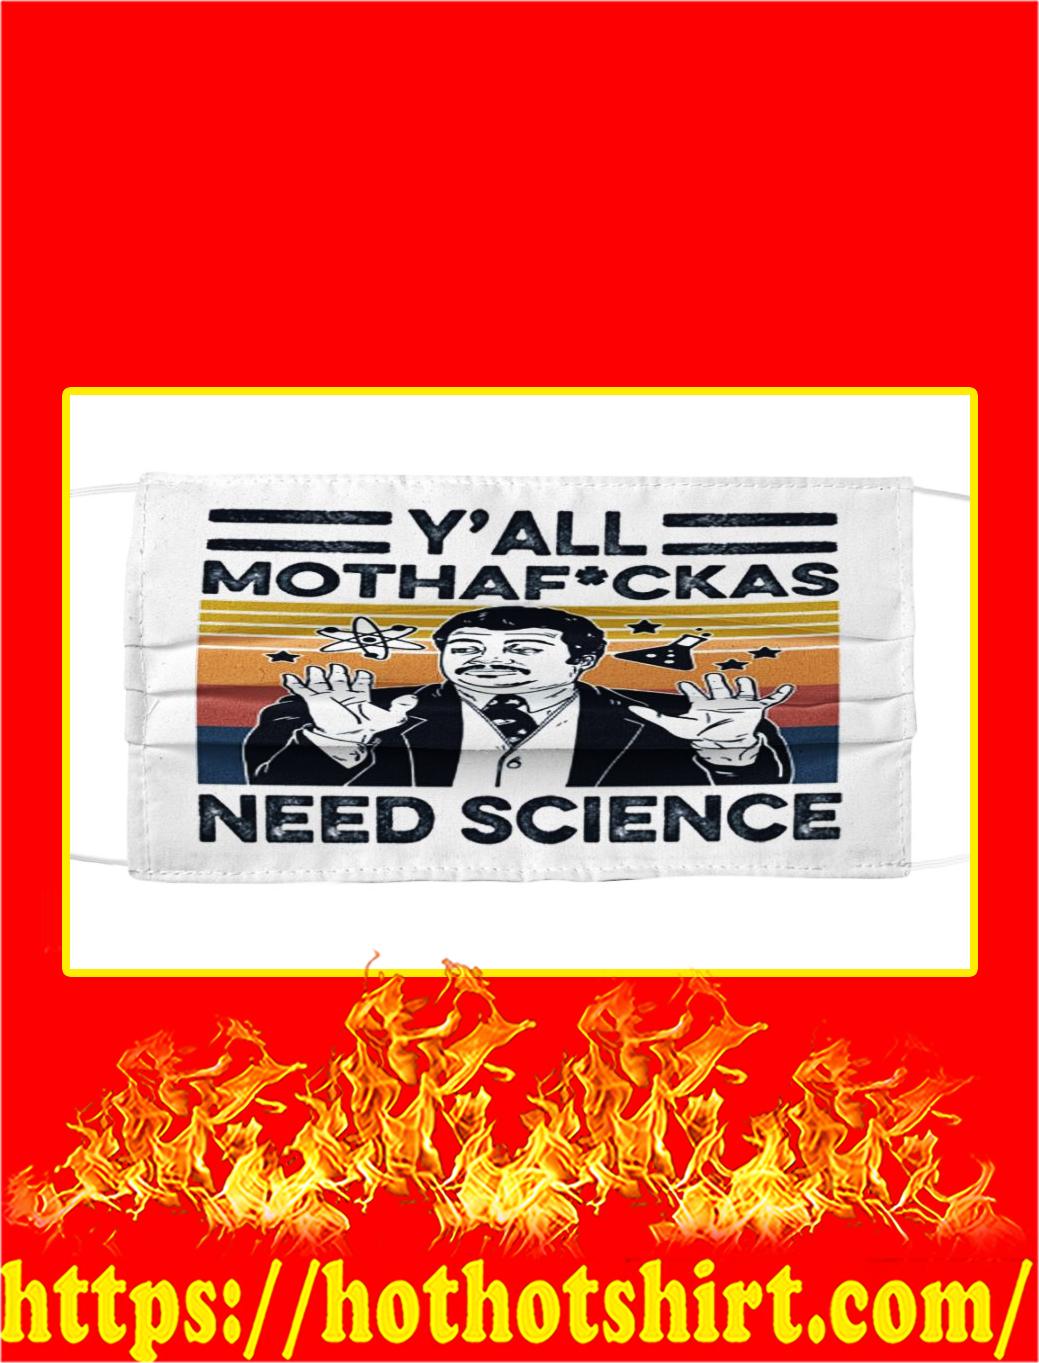 Y'all mothafuckas need science face mask